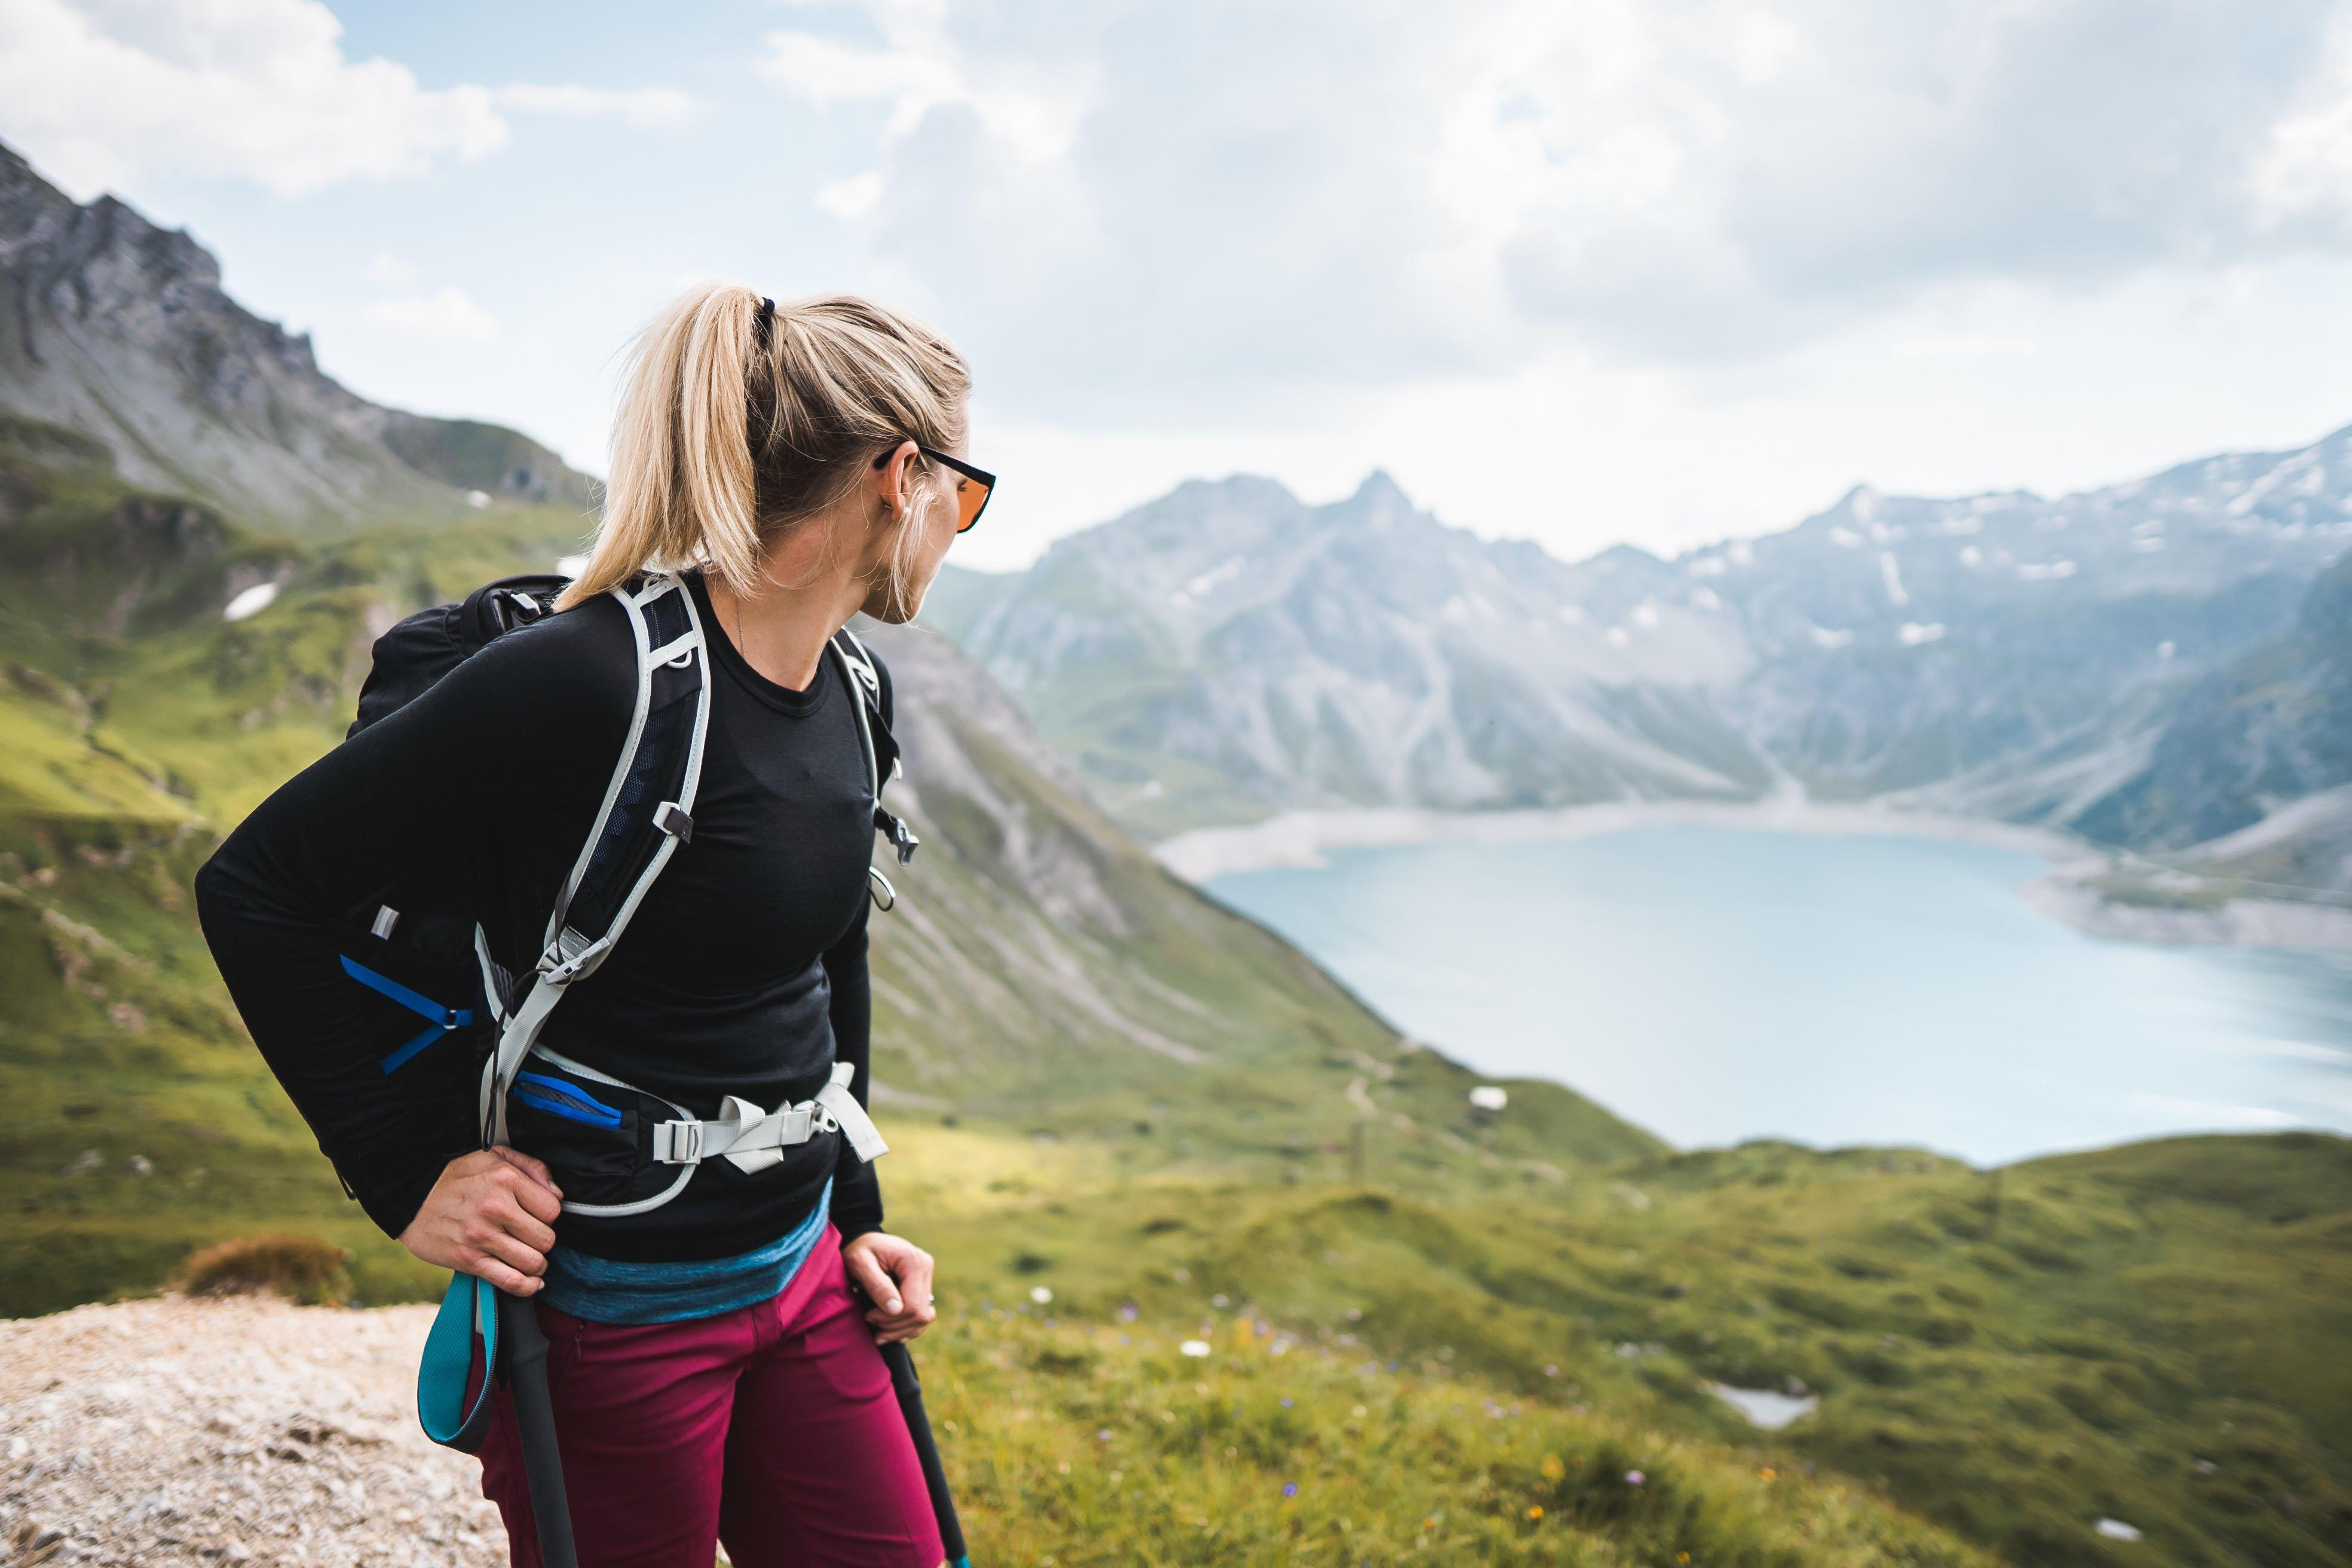 blog_main_hiking